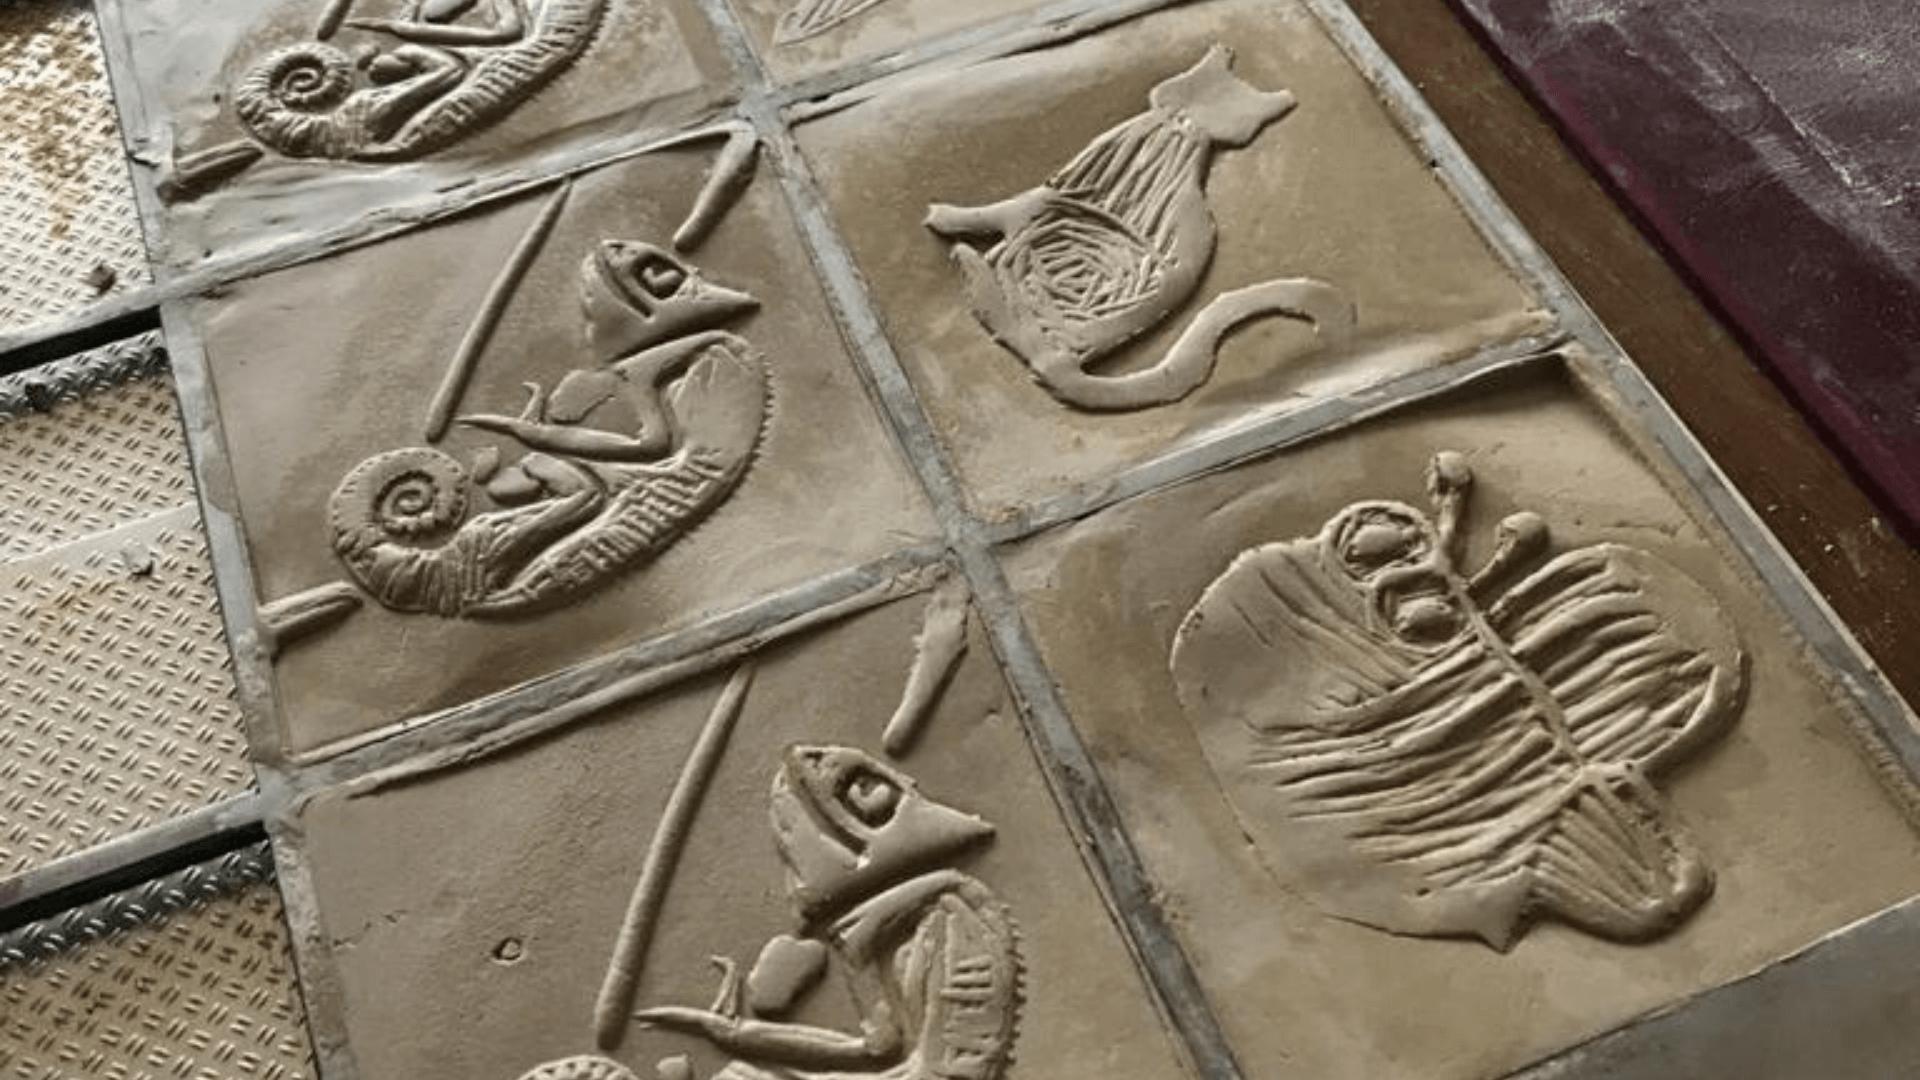 AKUPARA-Tierschutz-Artenschutz-Naturschutz-oesterreich-Fliesen-gestalten